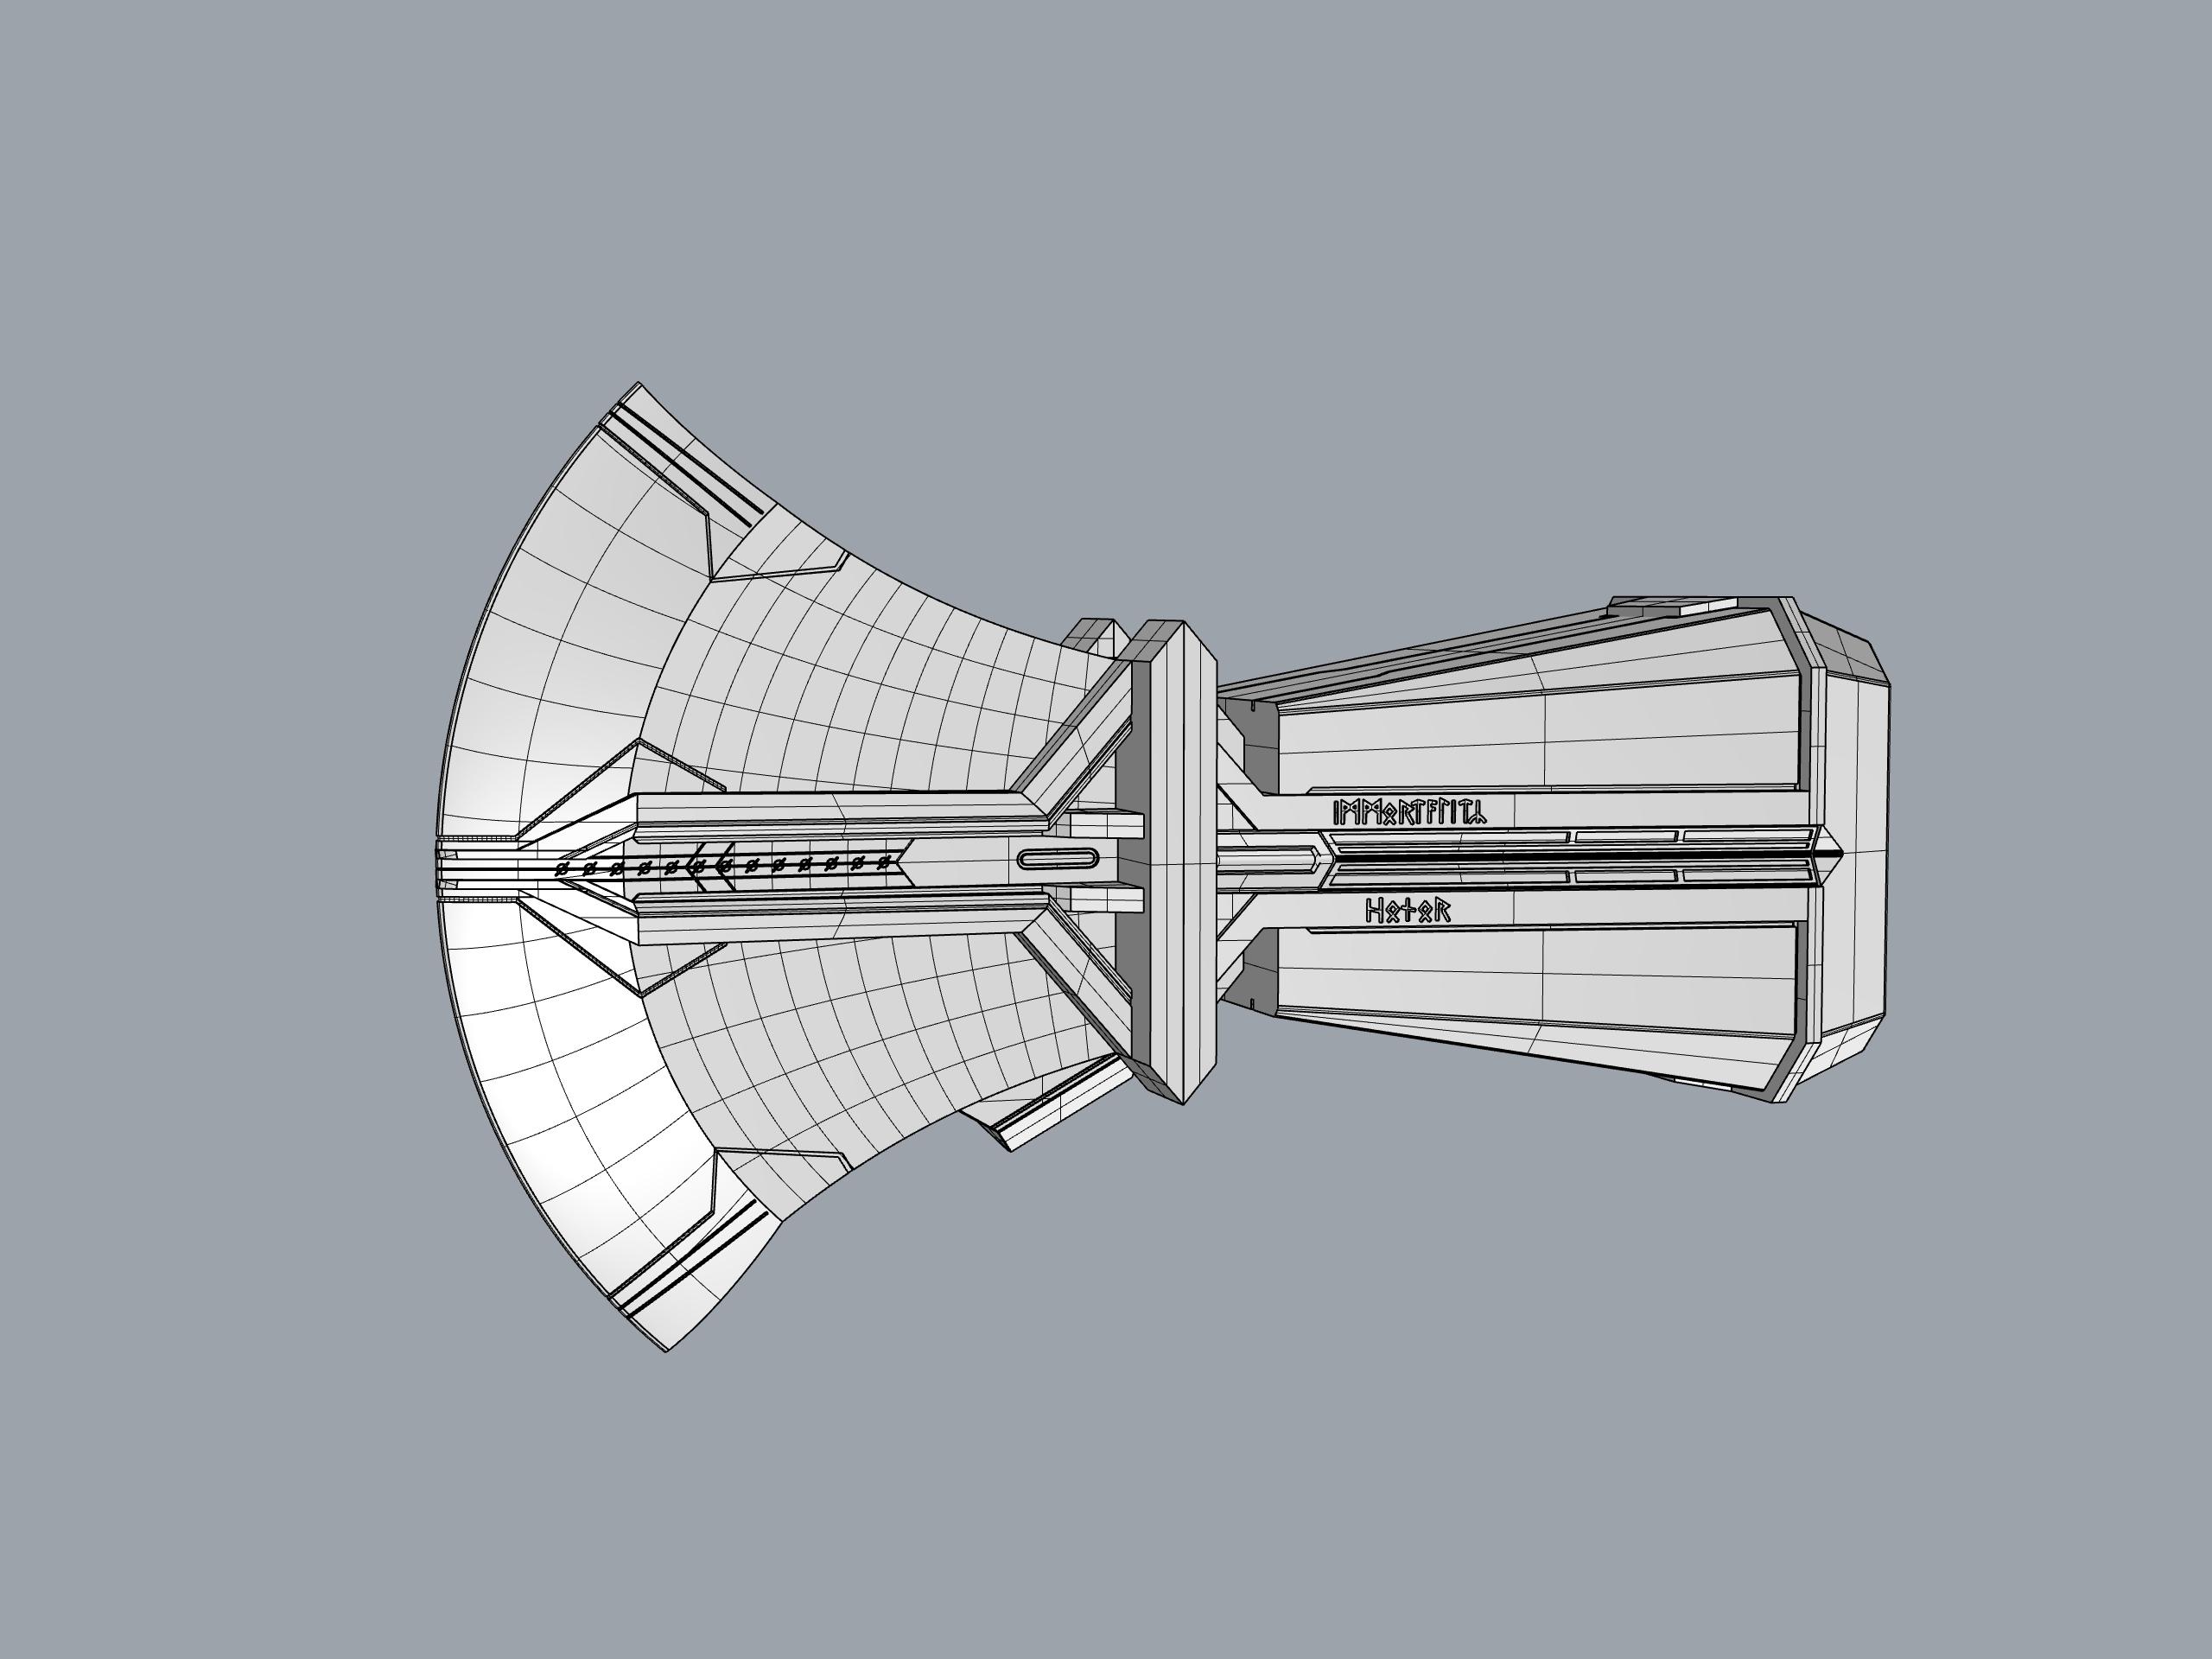 3dmodel 1.jpg